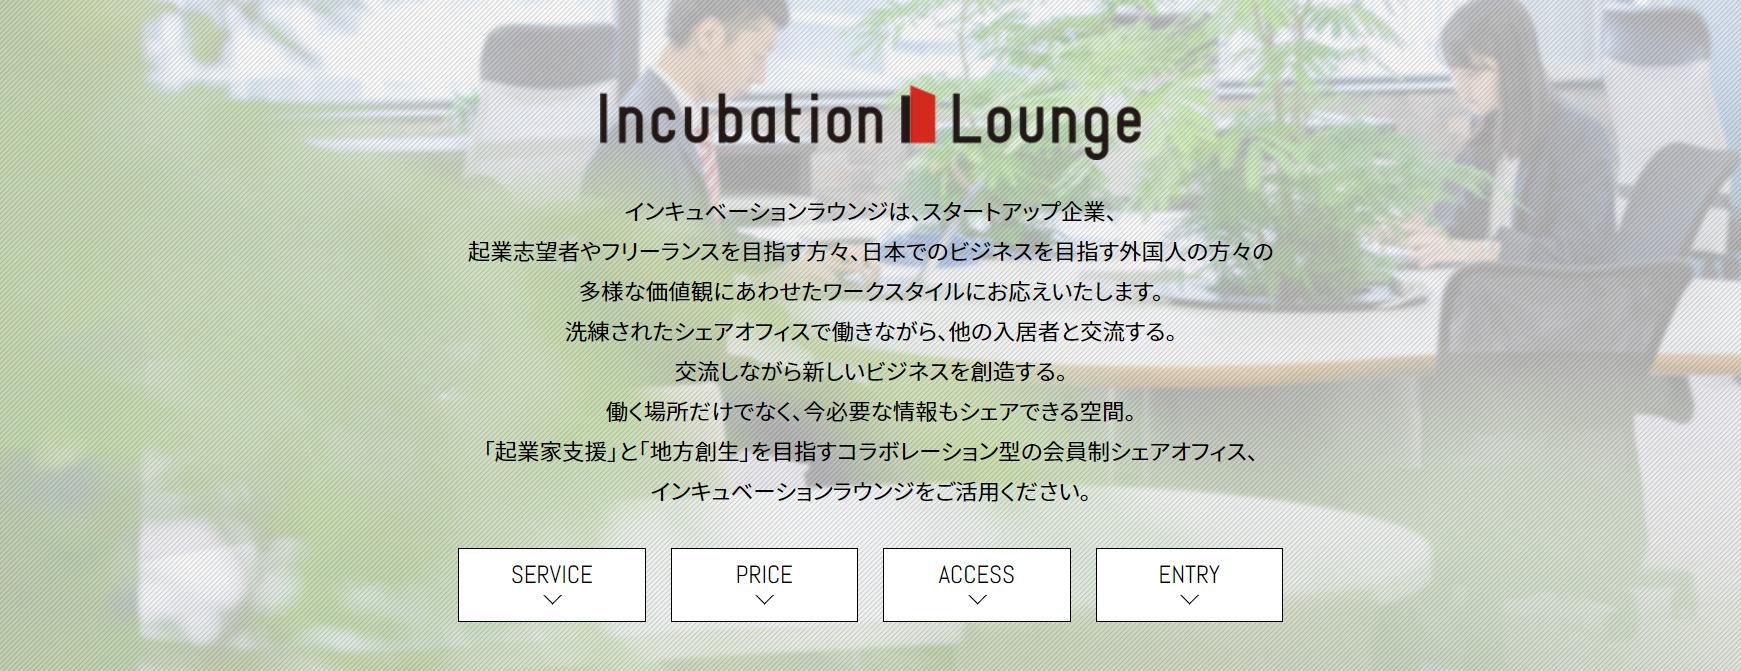 コワーキングスペース Incubation Lounge